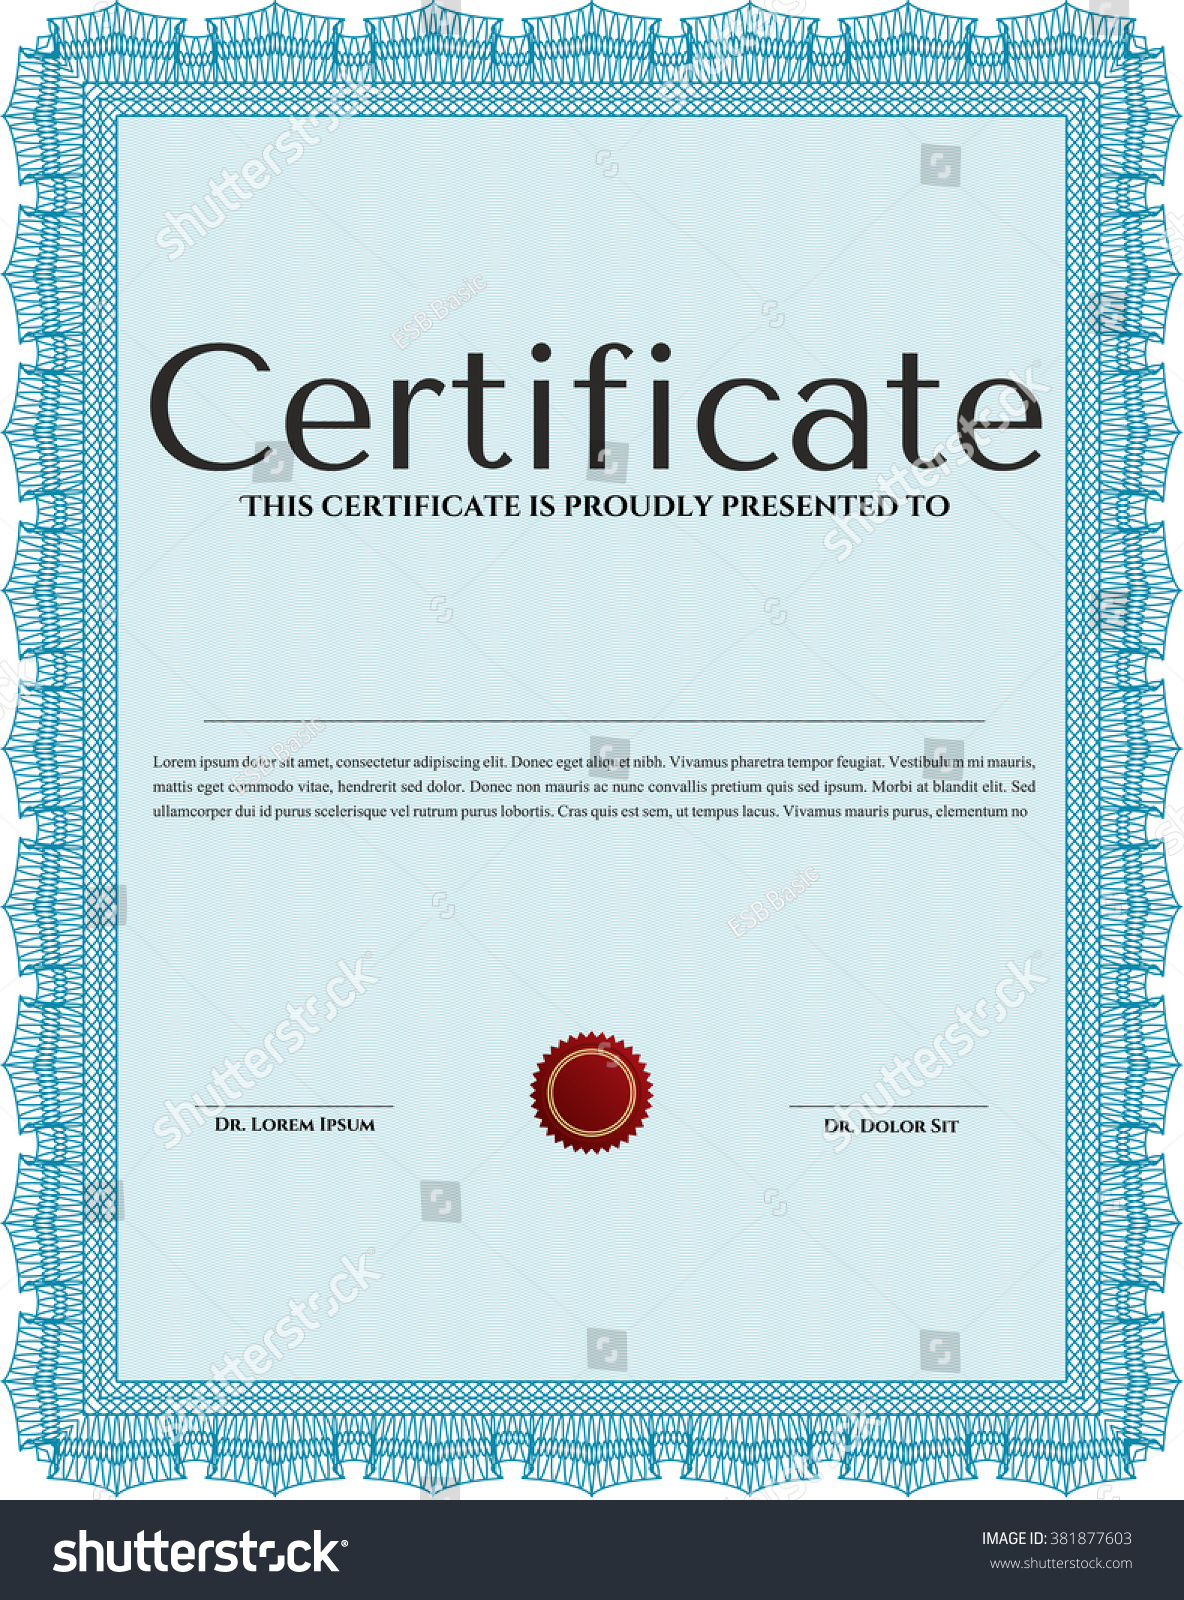 Sample Certificate Diploma Vector Certificate Template Stock ...